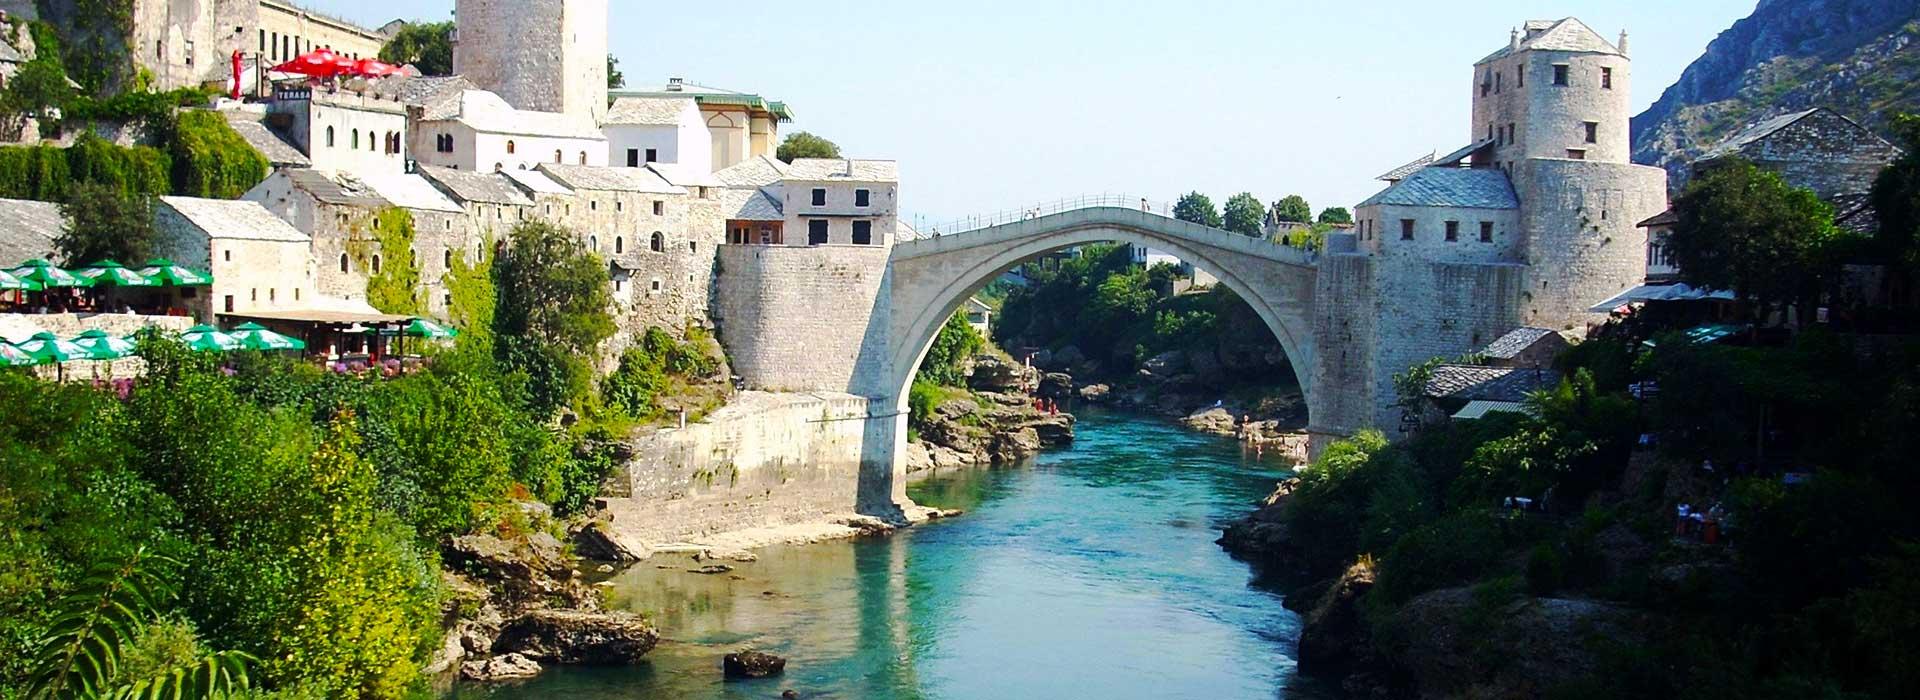 Wiedeń Dubrownik Mostar